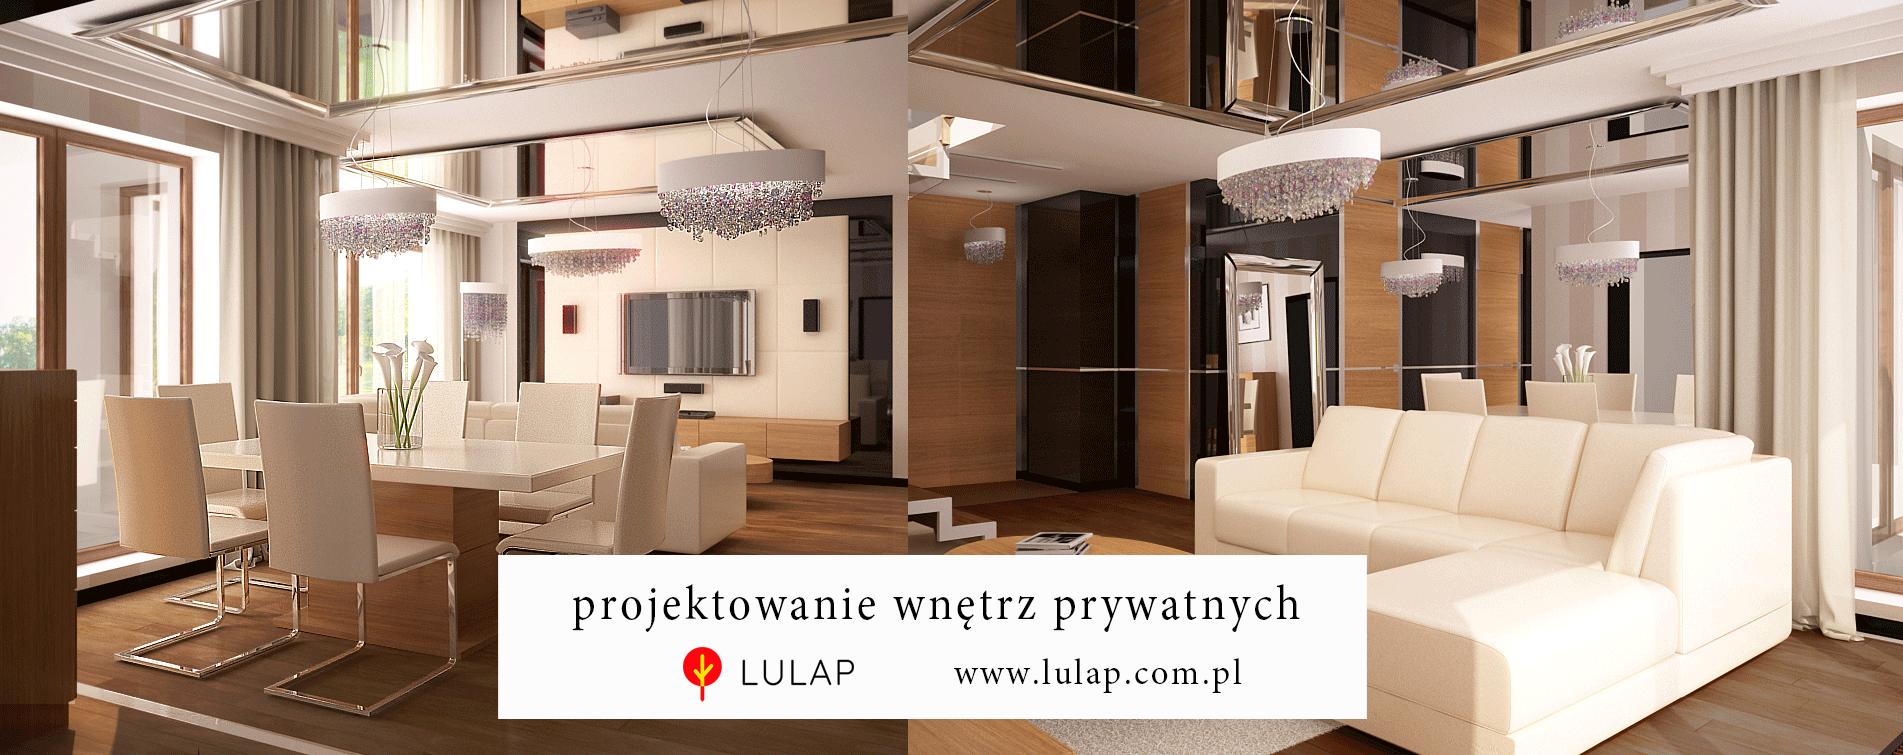 projekty_wnetrz_prywatnych1.png